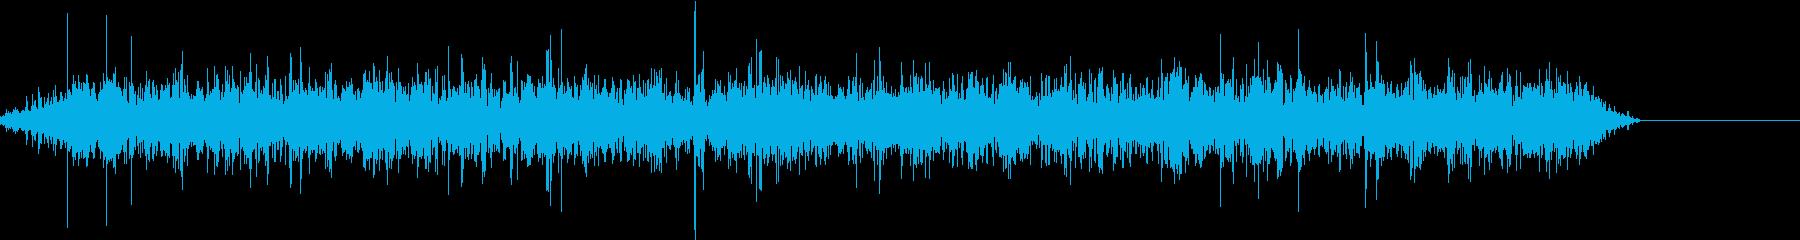 チョロチョロ、サラサラ流れる音です。の再生済みの波形